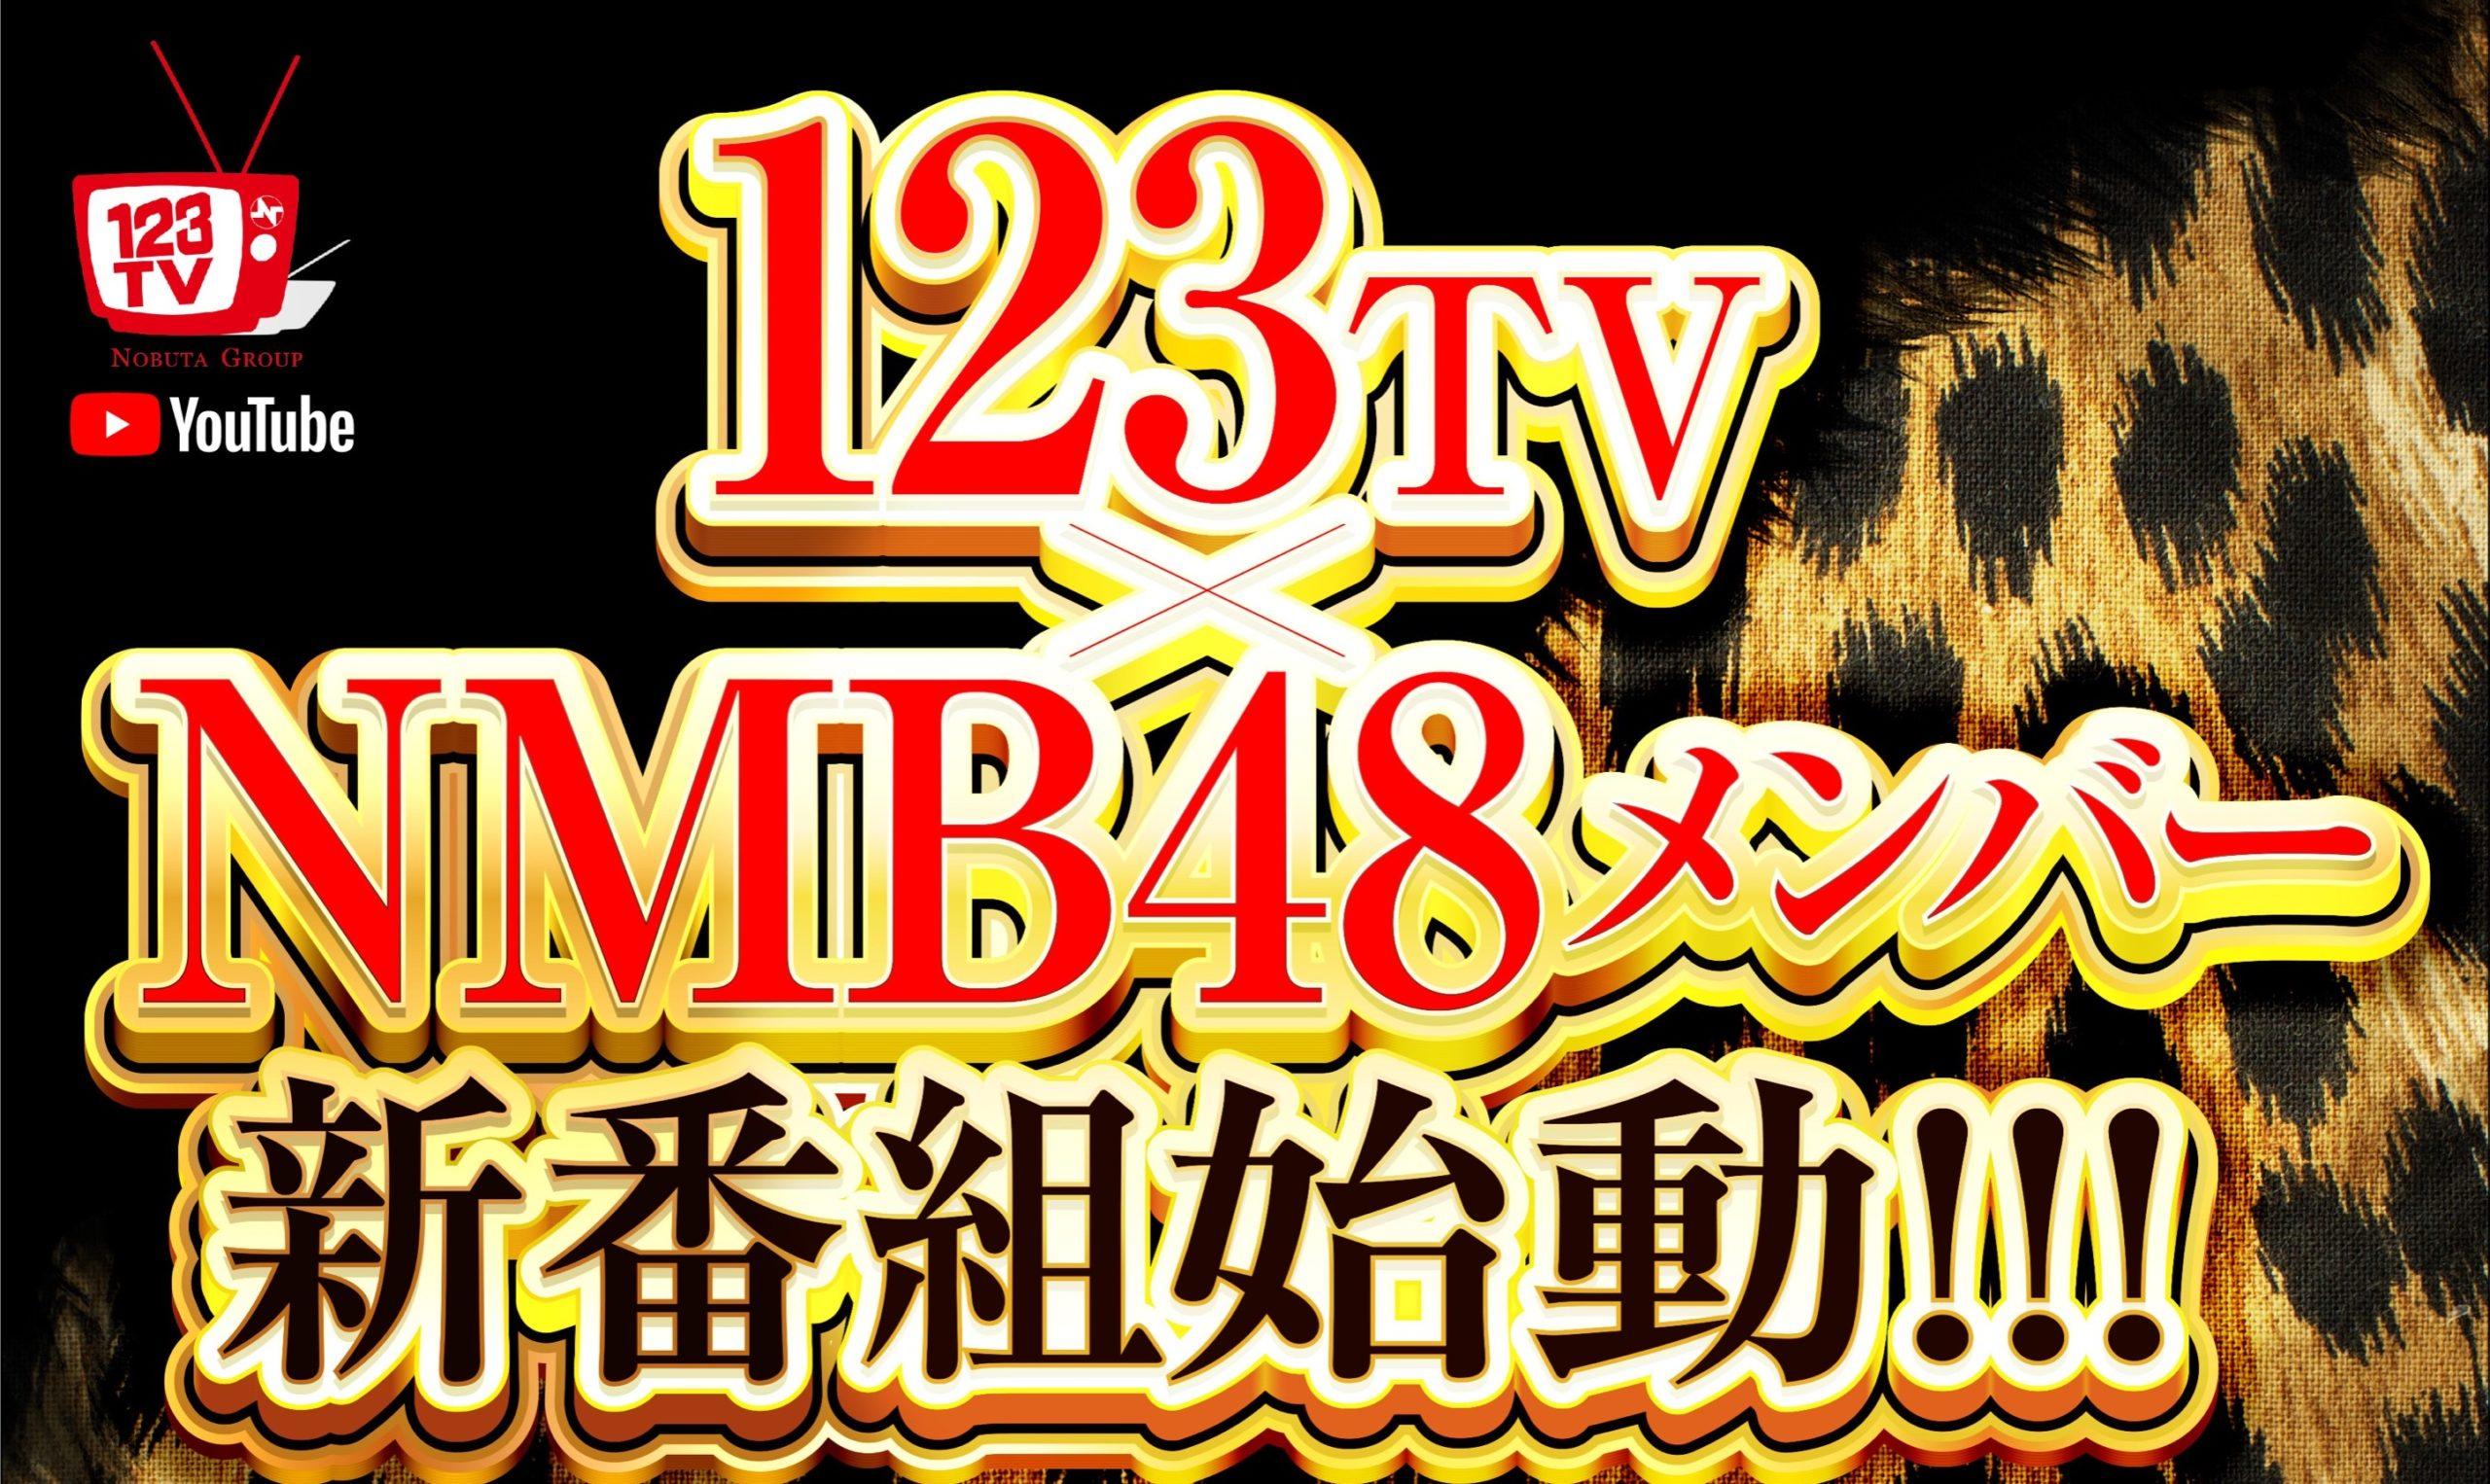 【NMB48】延田グループ公式YouTubeチャンネル「123TV」でNMB48メンバーによる新番組が配信開始